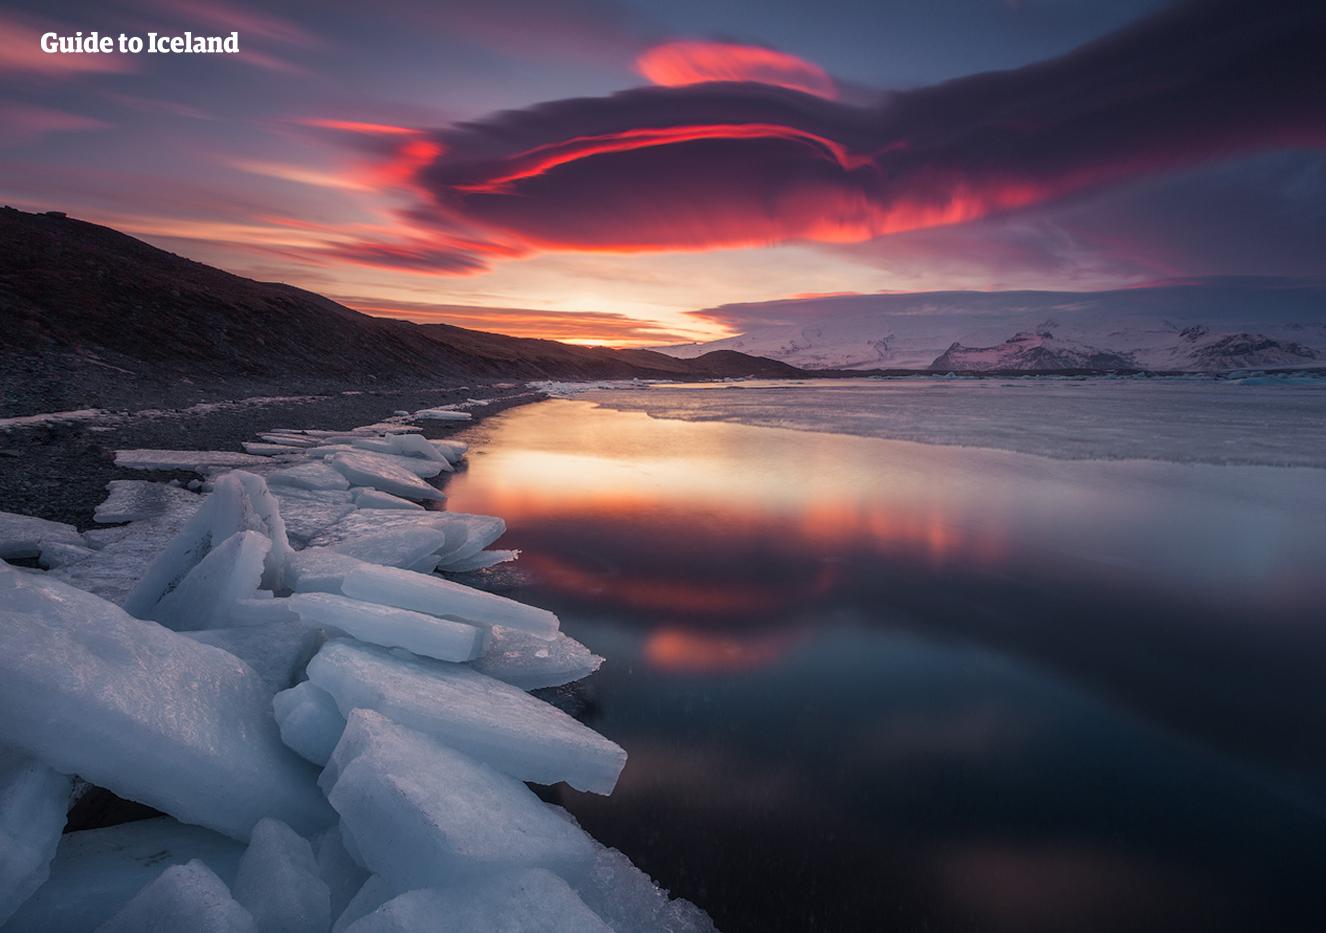 Den röda kvällshimlen speglas i den stilla issjön Jökulsárlón.